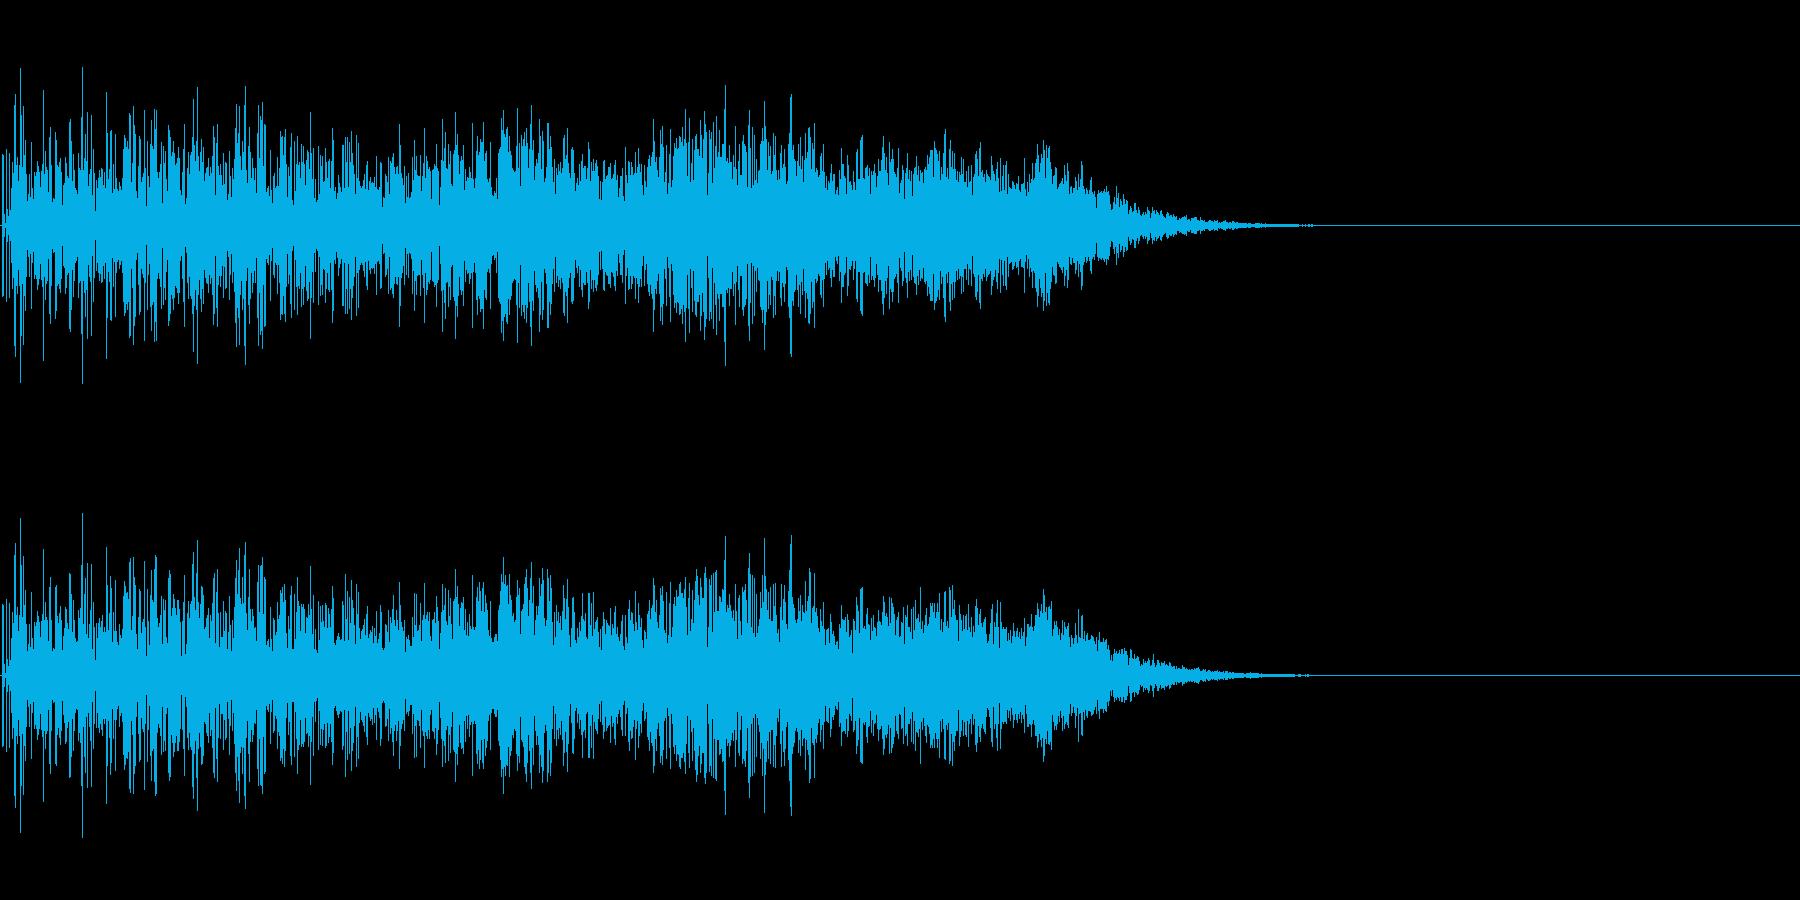 グーン ぎゅーん 寄っていく ズームの再生済みの波形